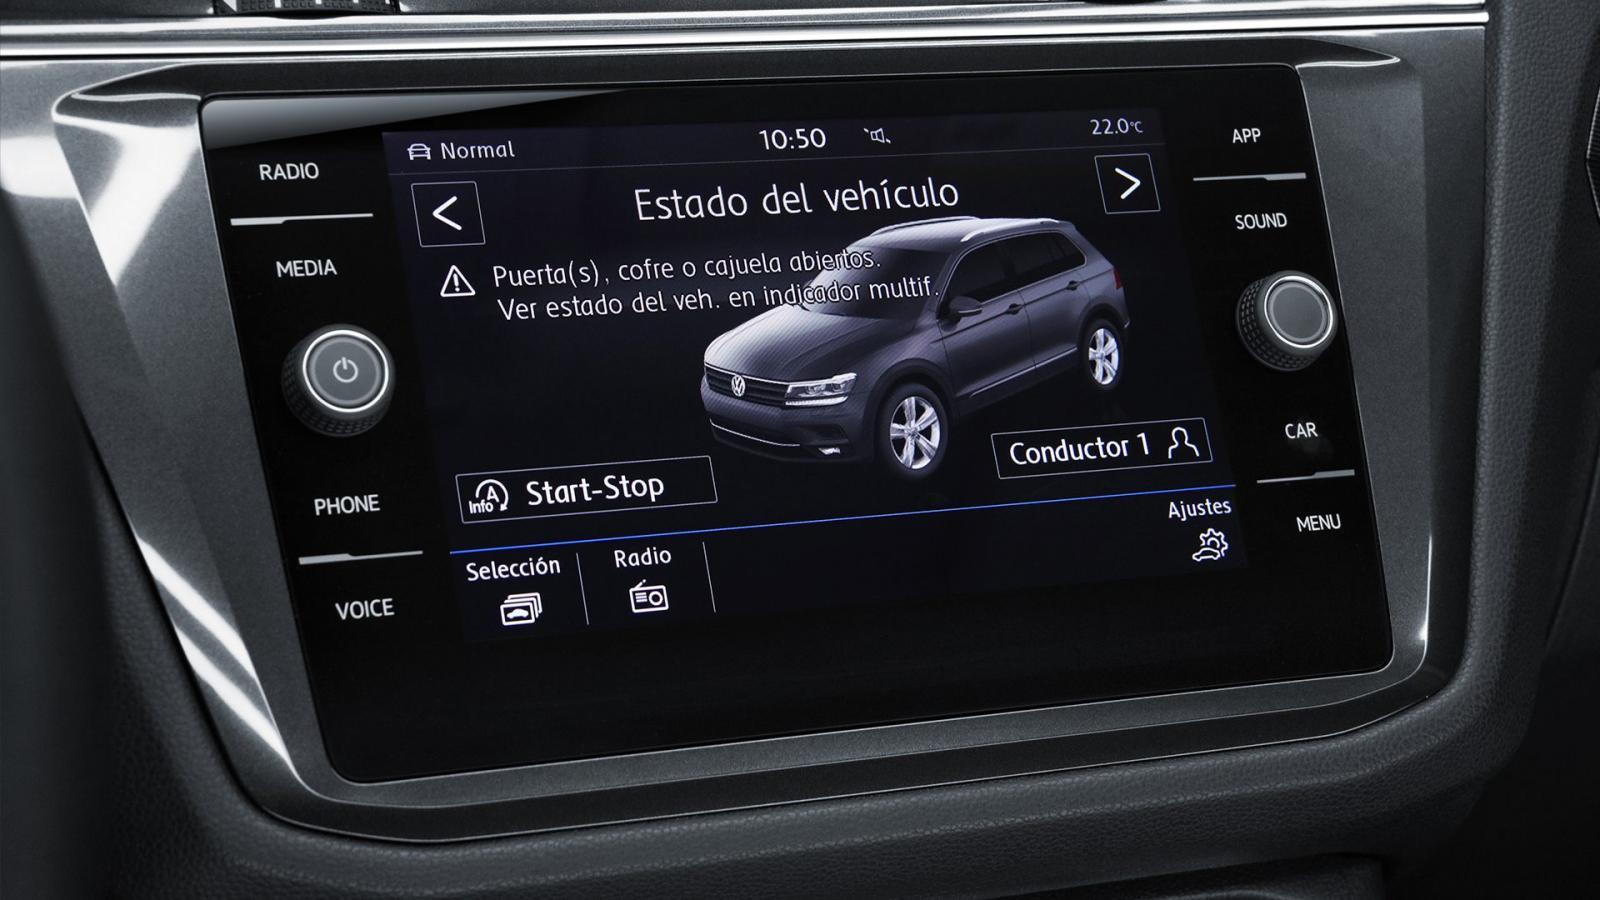 Algunas de las tecnologías de la Volkswagen Tiguan Highline 2019 presentan un comportamiento algo lento e inestable